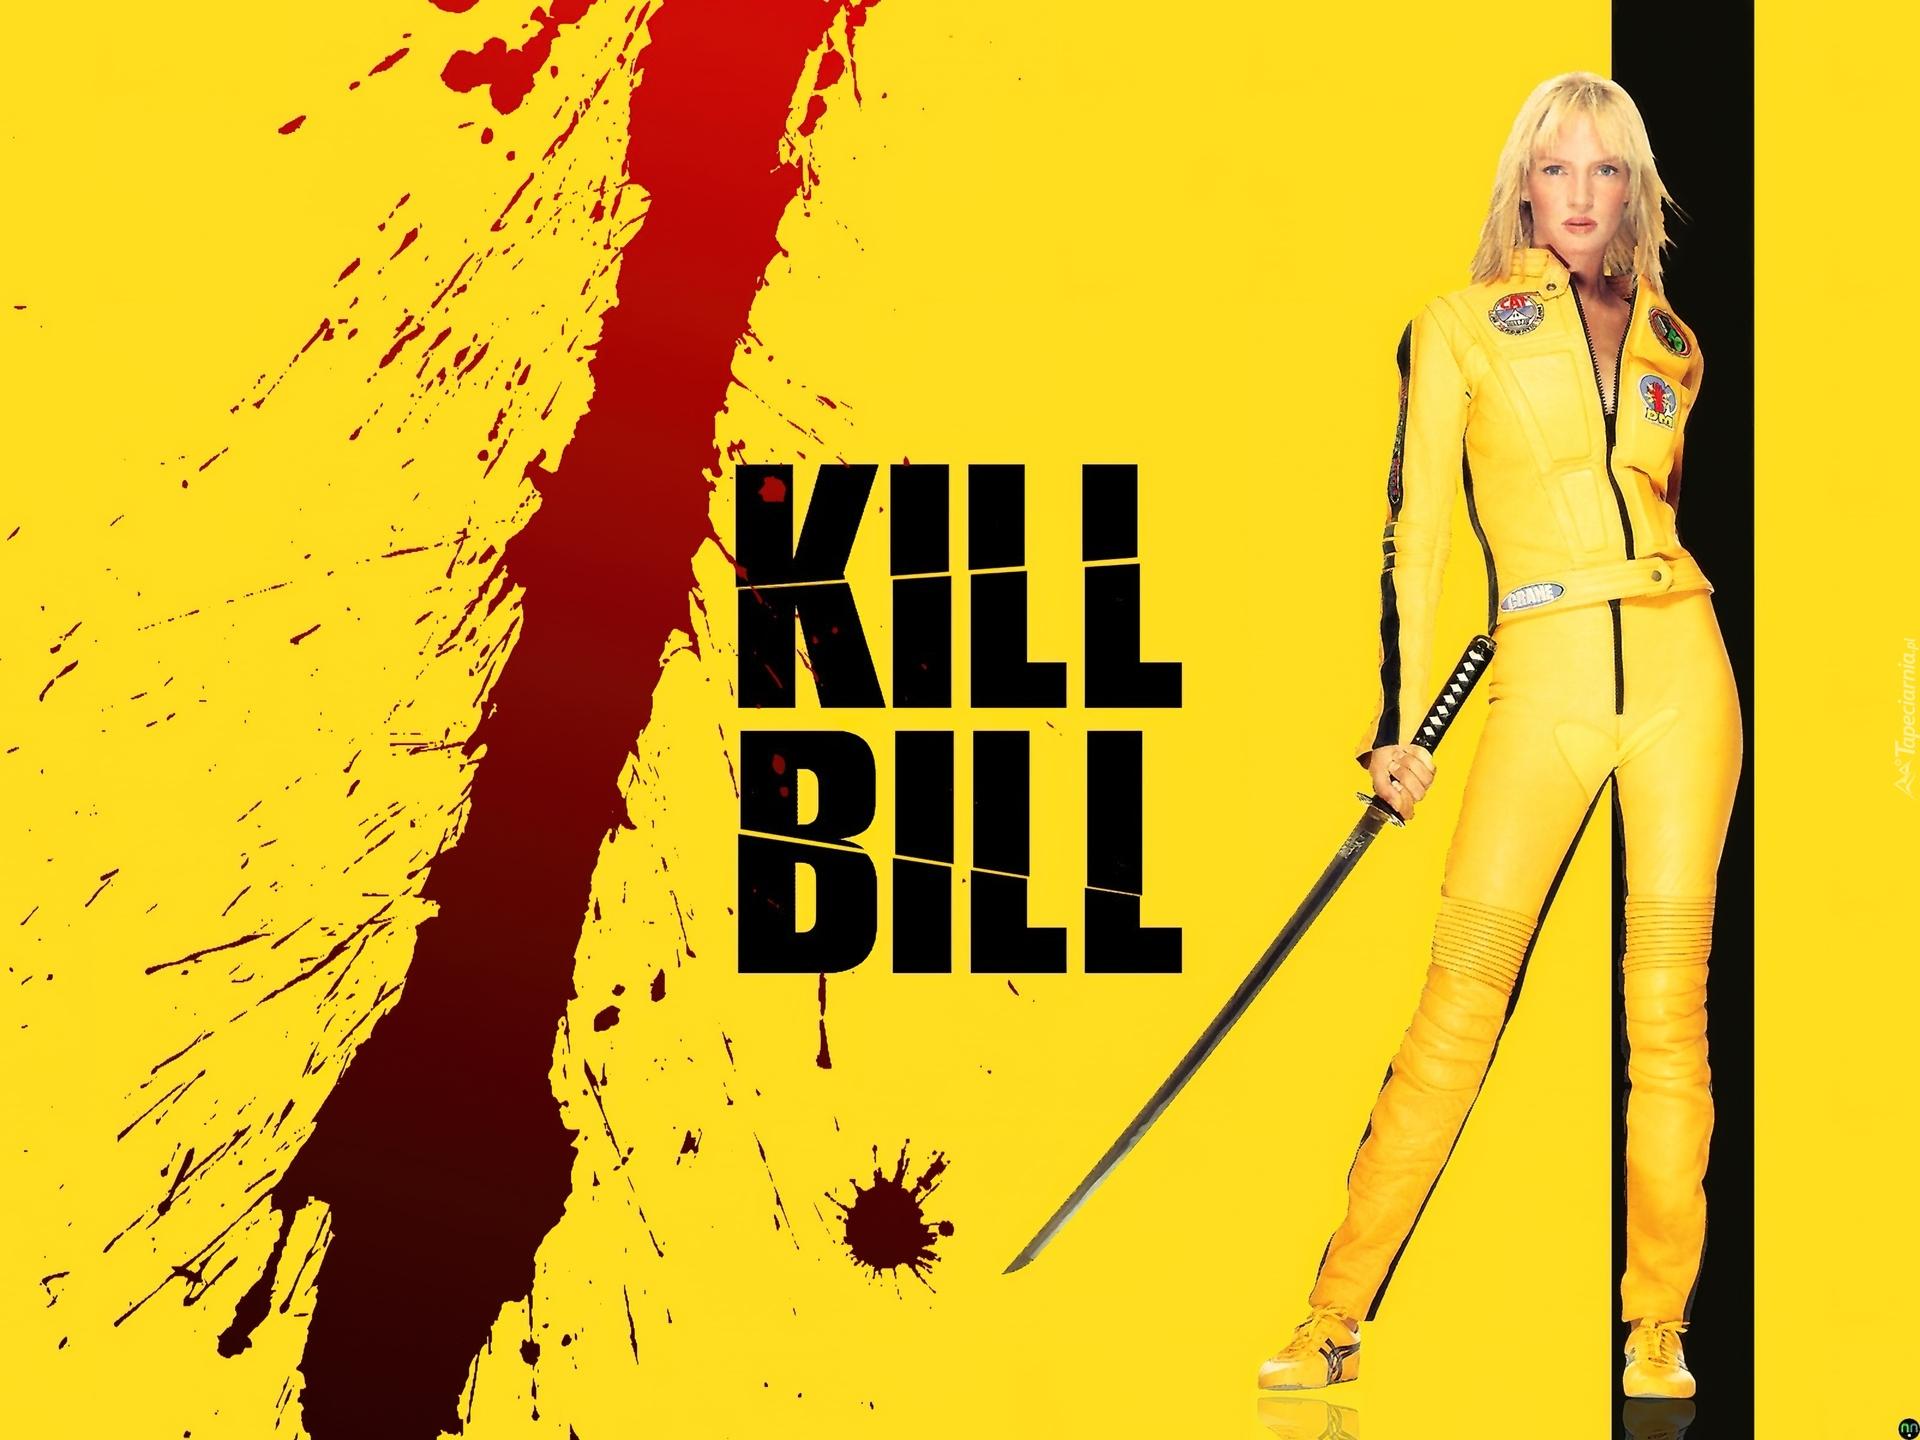 Dani daniels kill bill